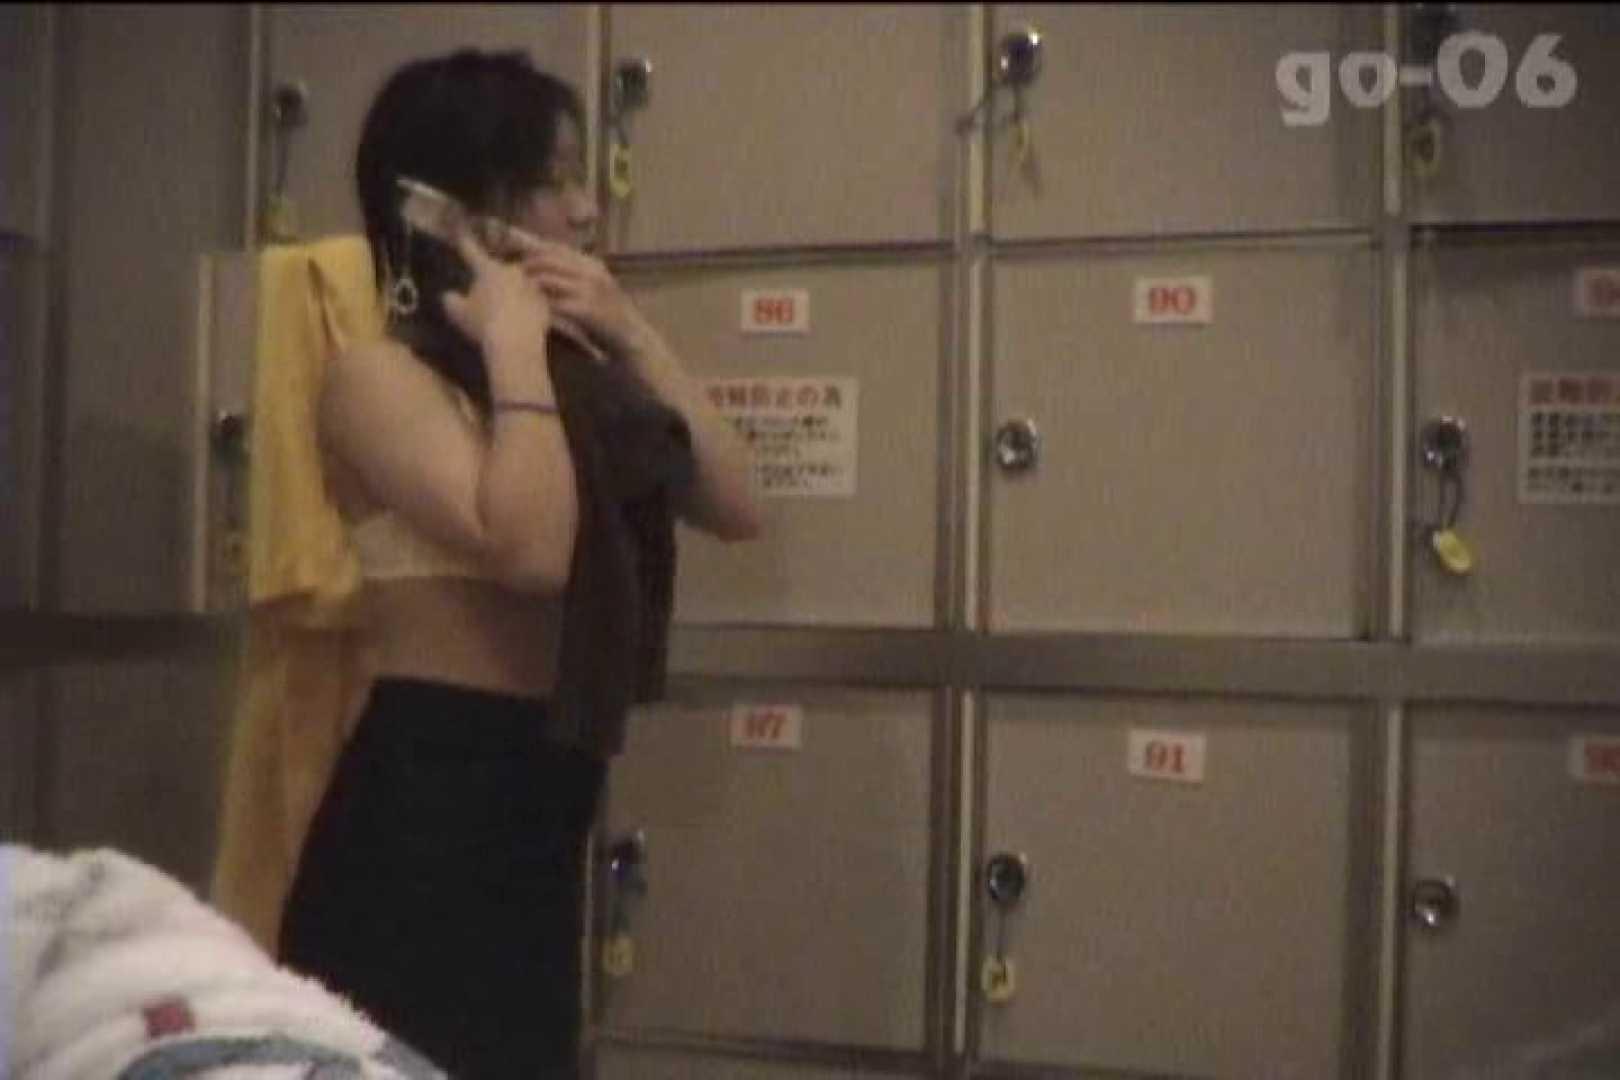 電波カメラ設置浴場からの防HAN映像 Vol.06 色っぽいOL達 オメコ無修正動画無料 71pic 8